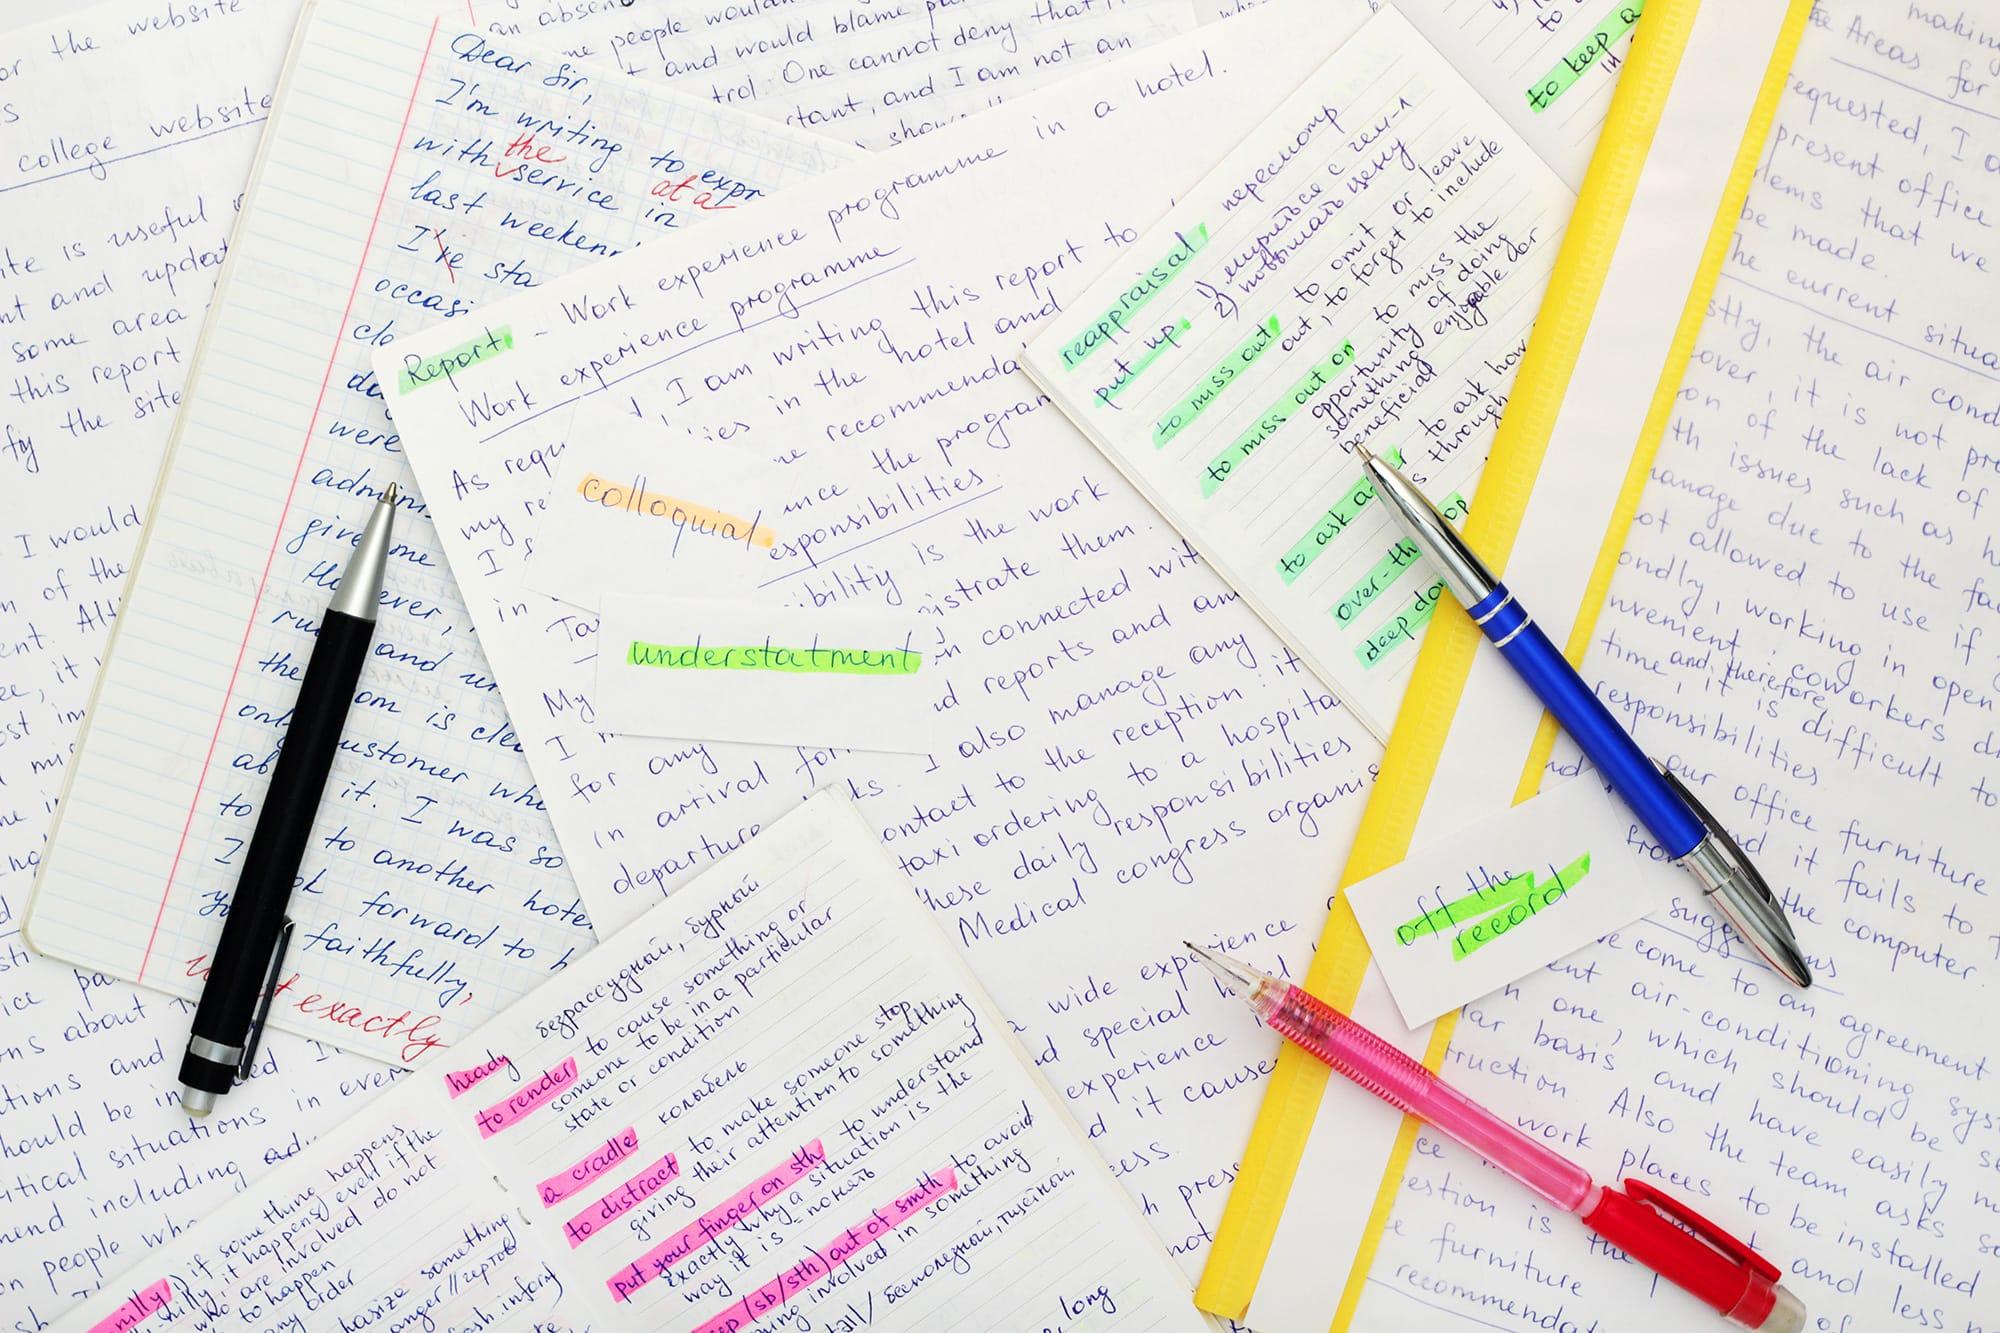 ケンブリッジ英語検定試験